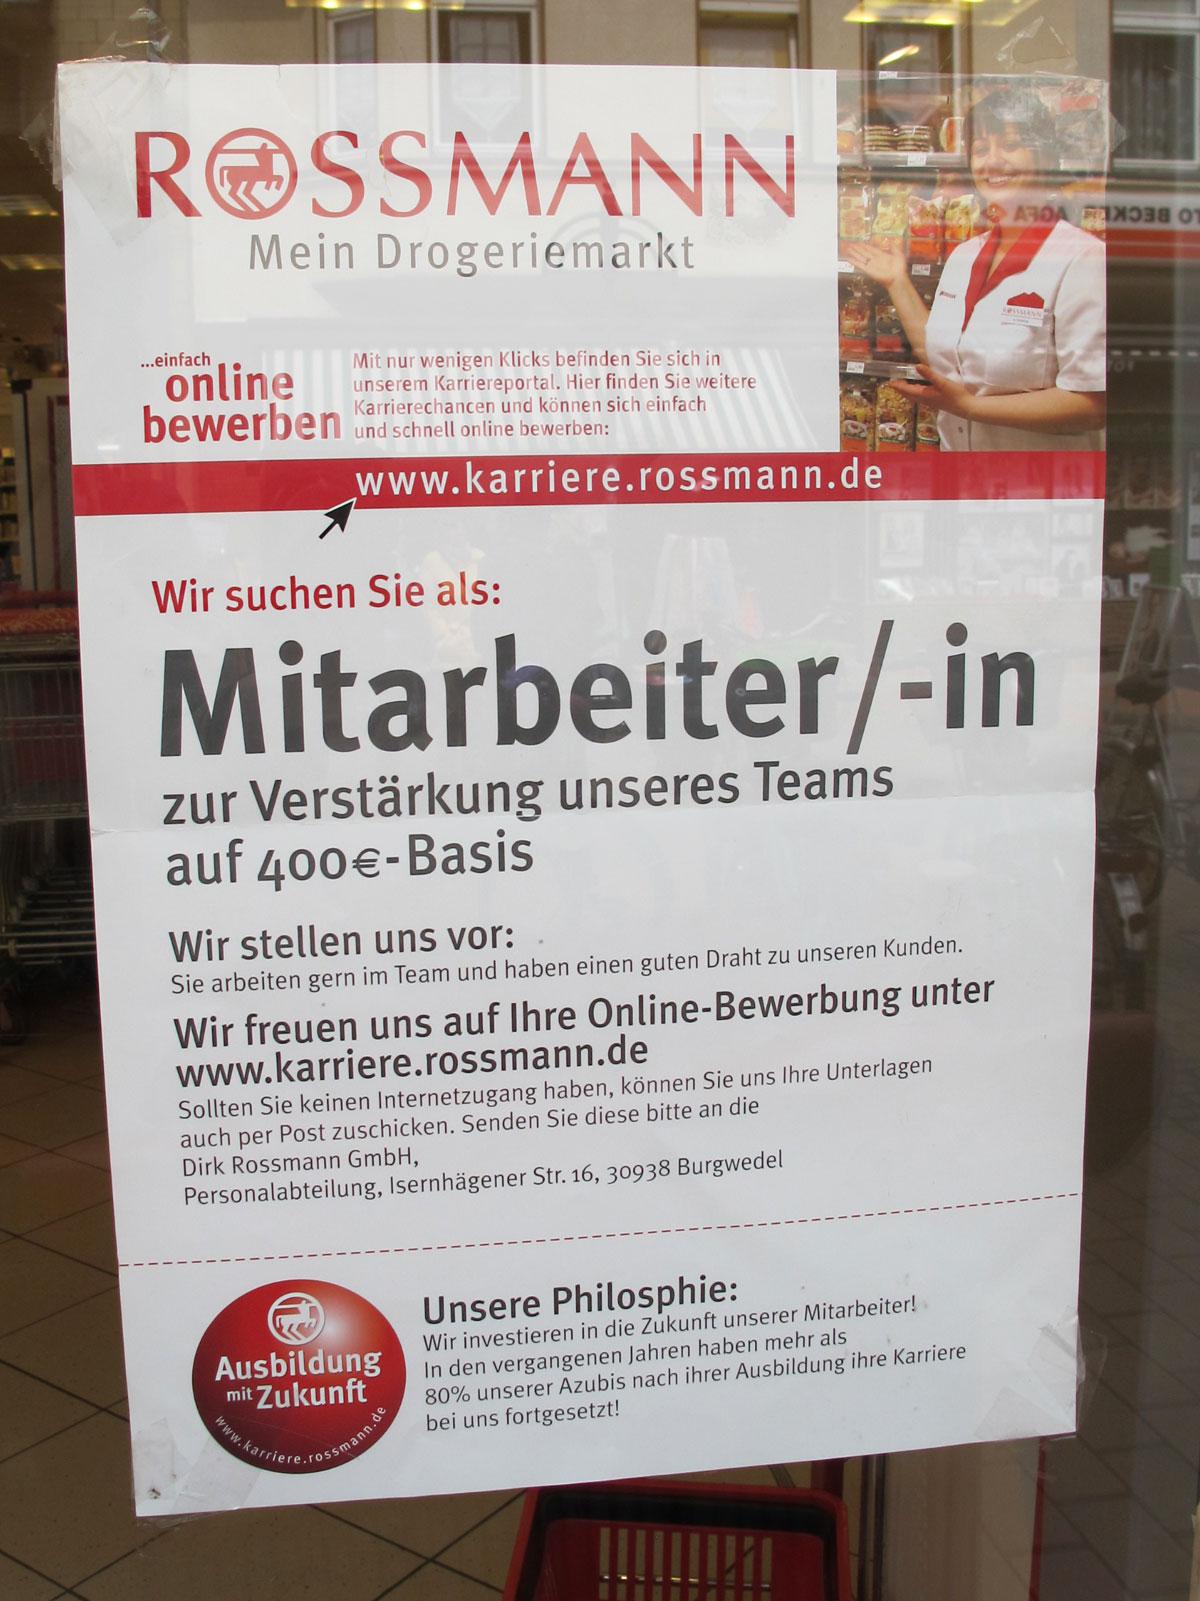 troisdorf city mitarbeiter in gesucht bei rossmann rossmann der drogeriemarkt - Rossmann Bewerbung Online